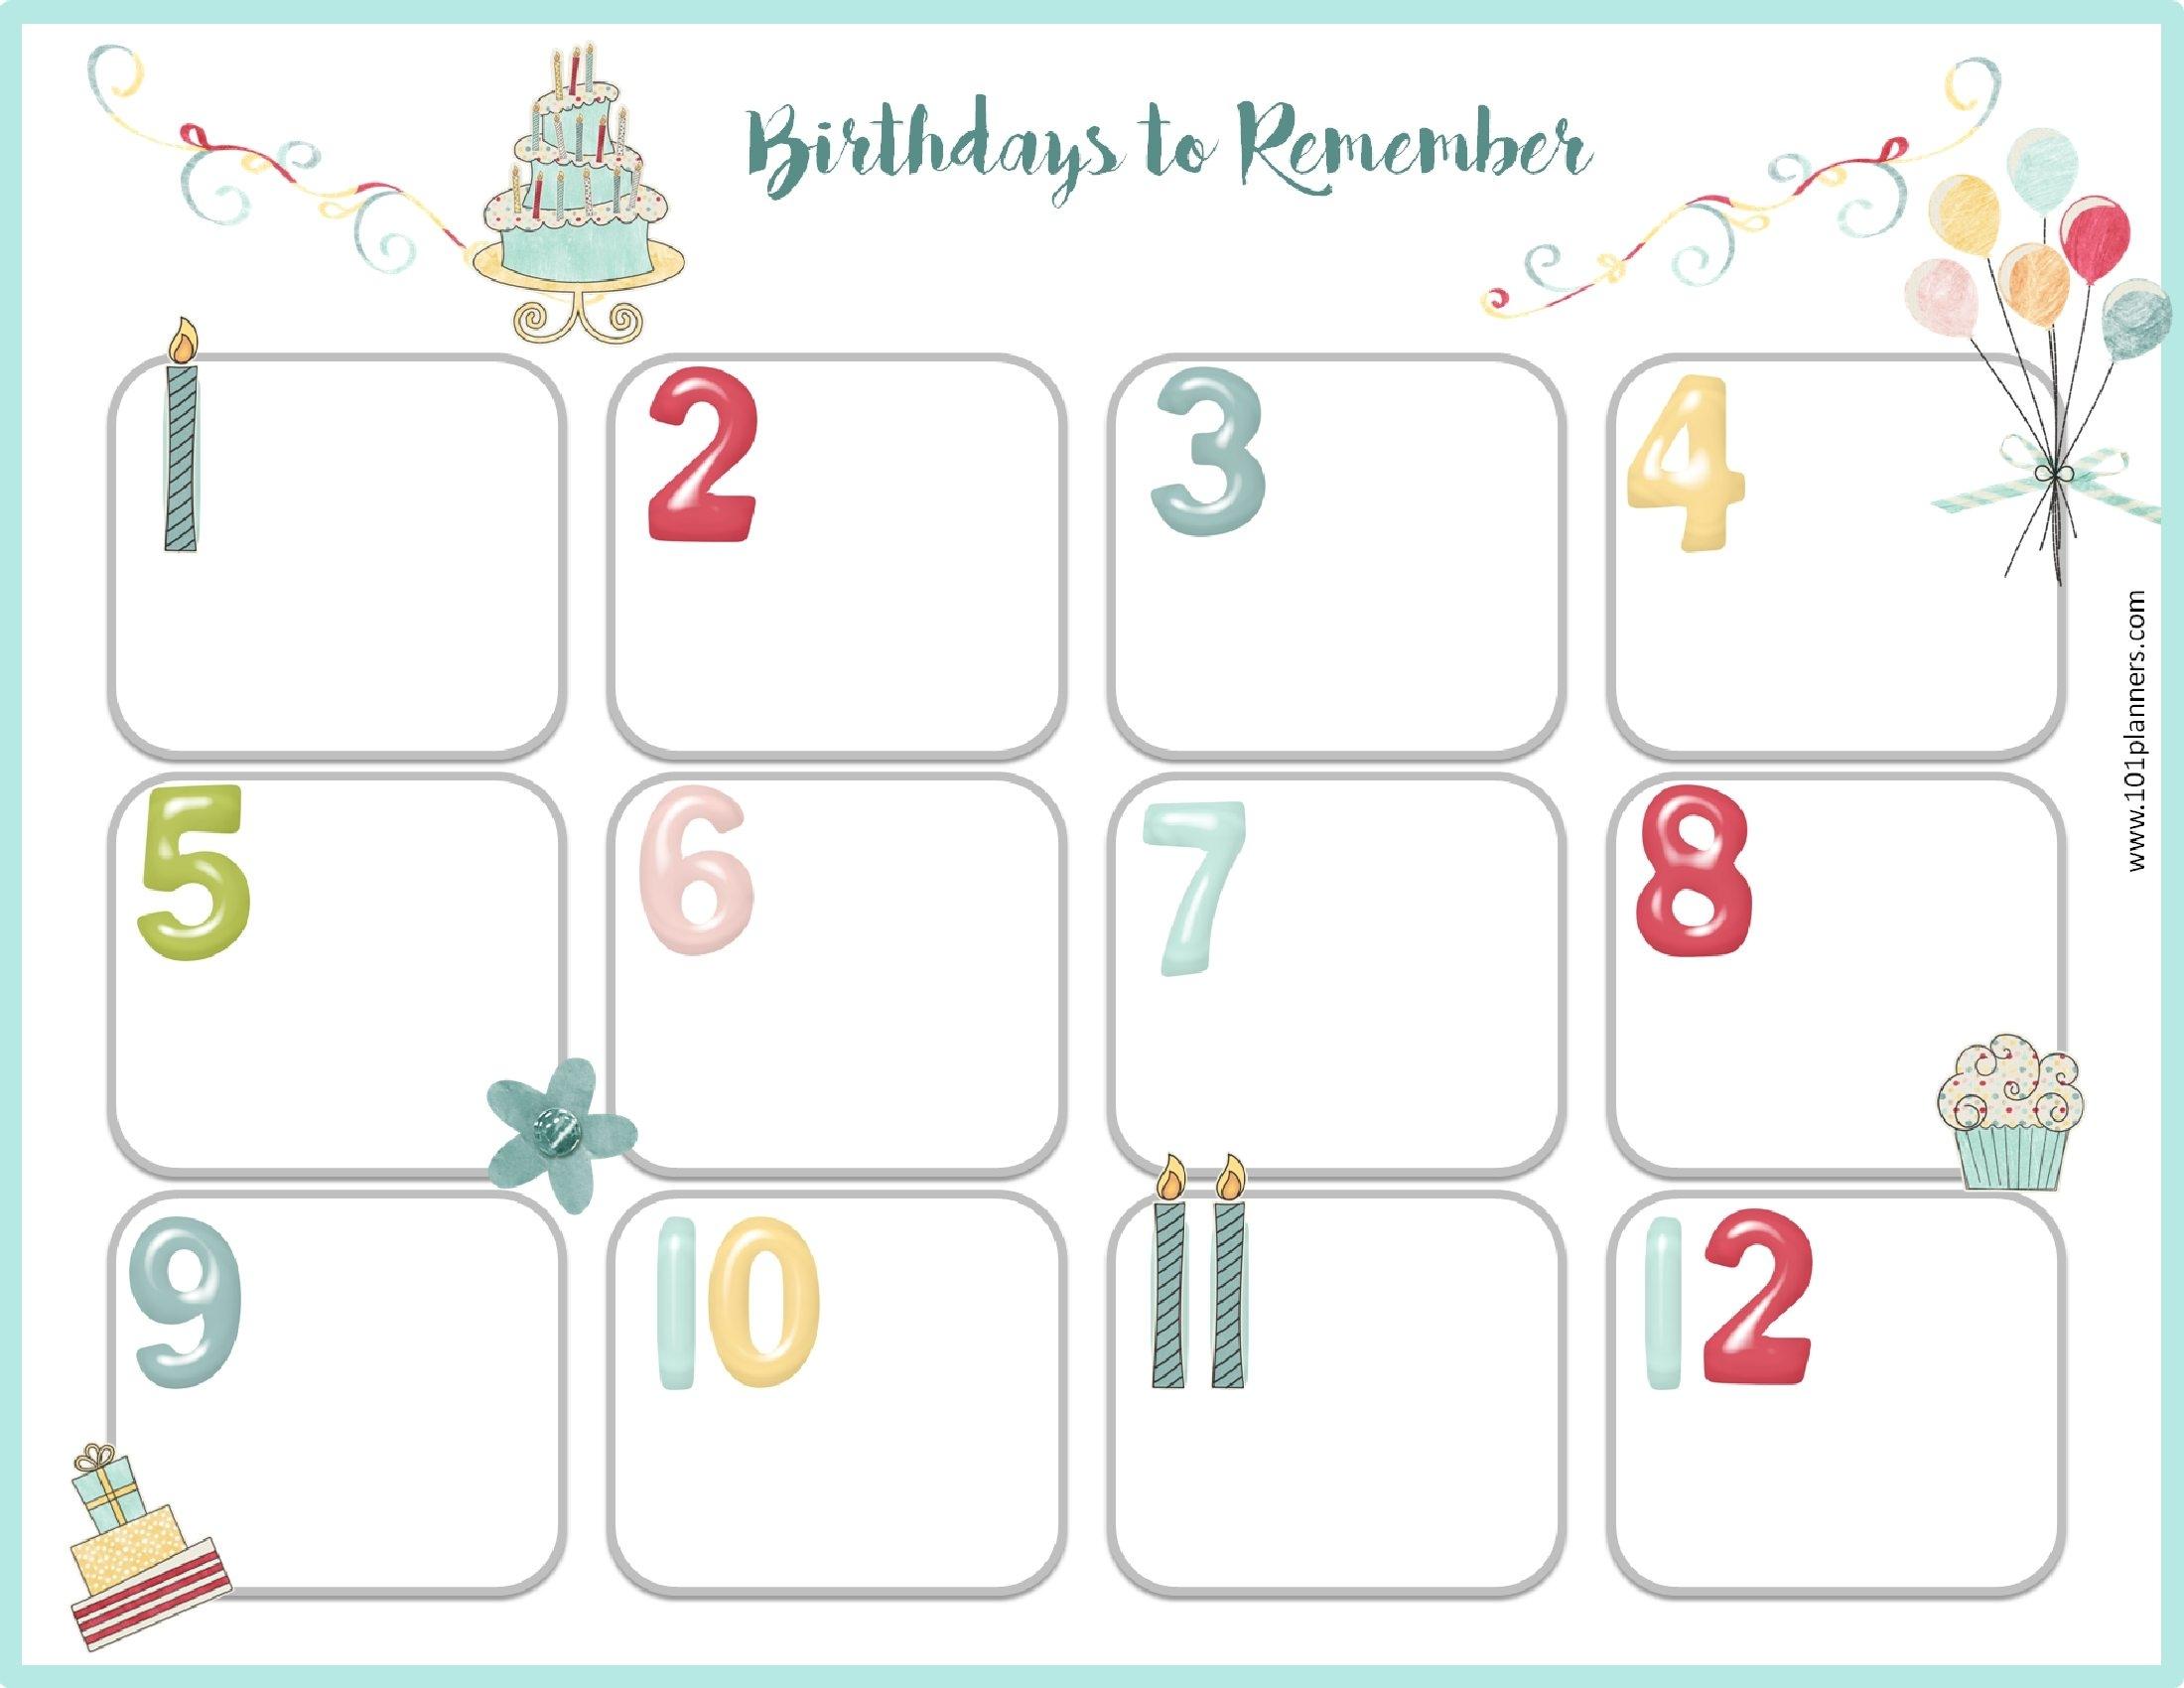 Free Birthday Calendar3abry